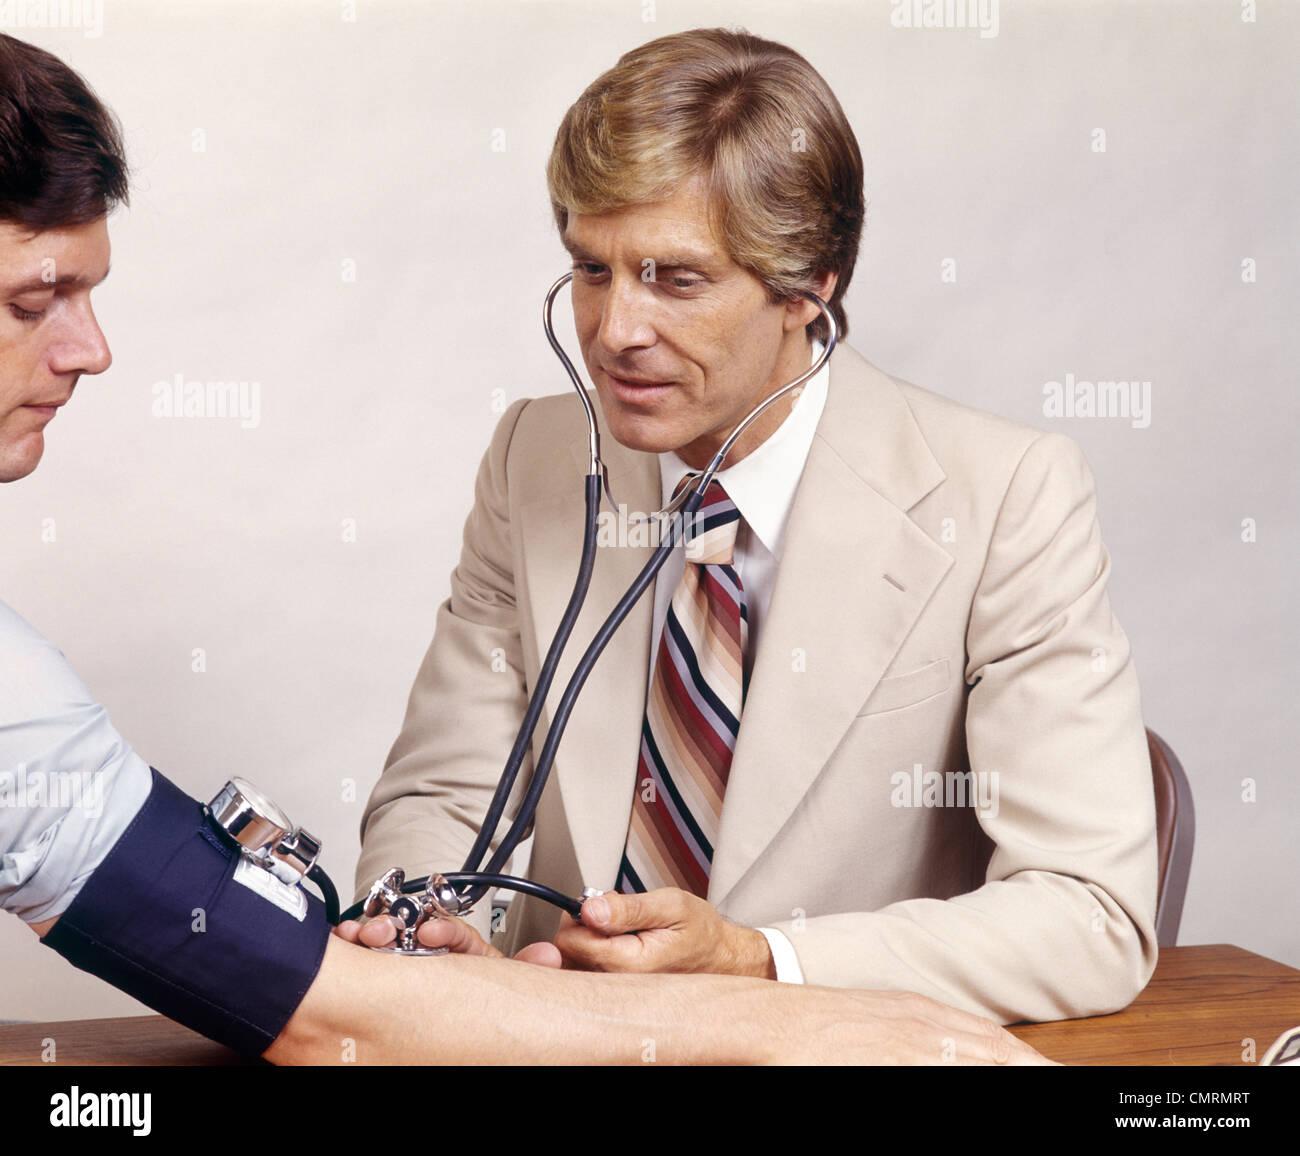 1970 1970 RETRO hombre médico con estetoscopio para controlar la presión sanguínea del paciente Varón Imagen De Stock